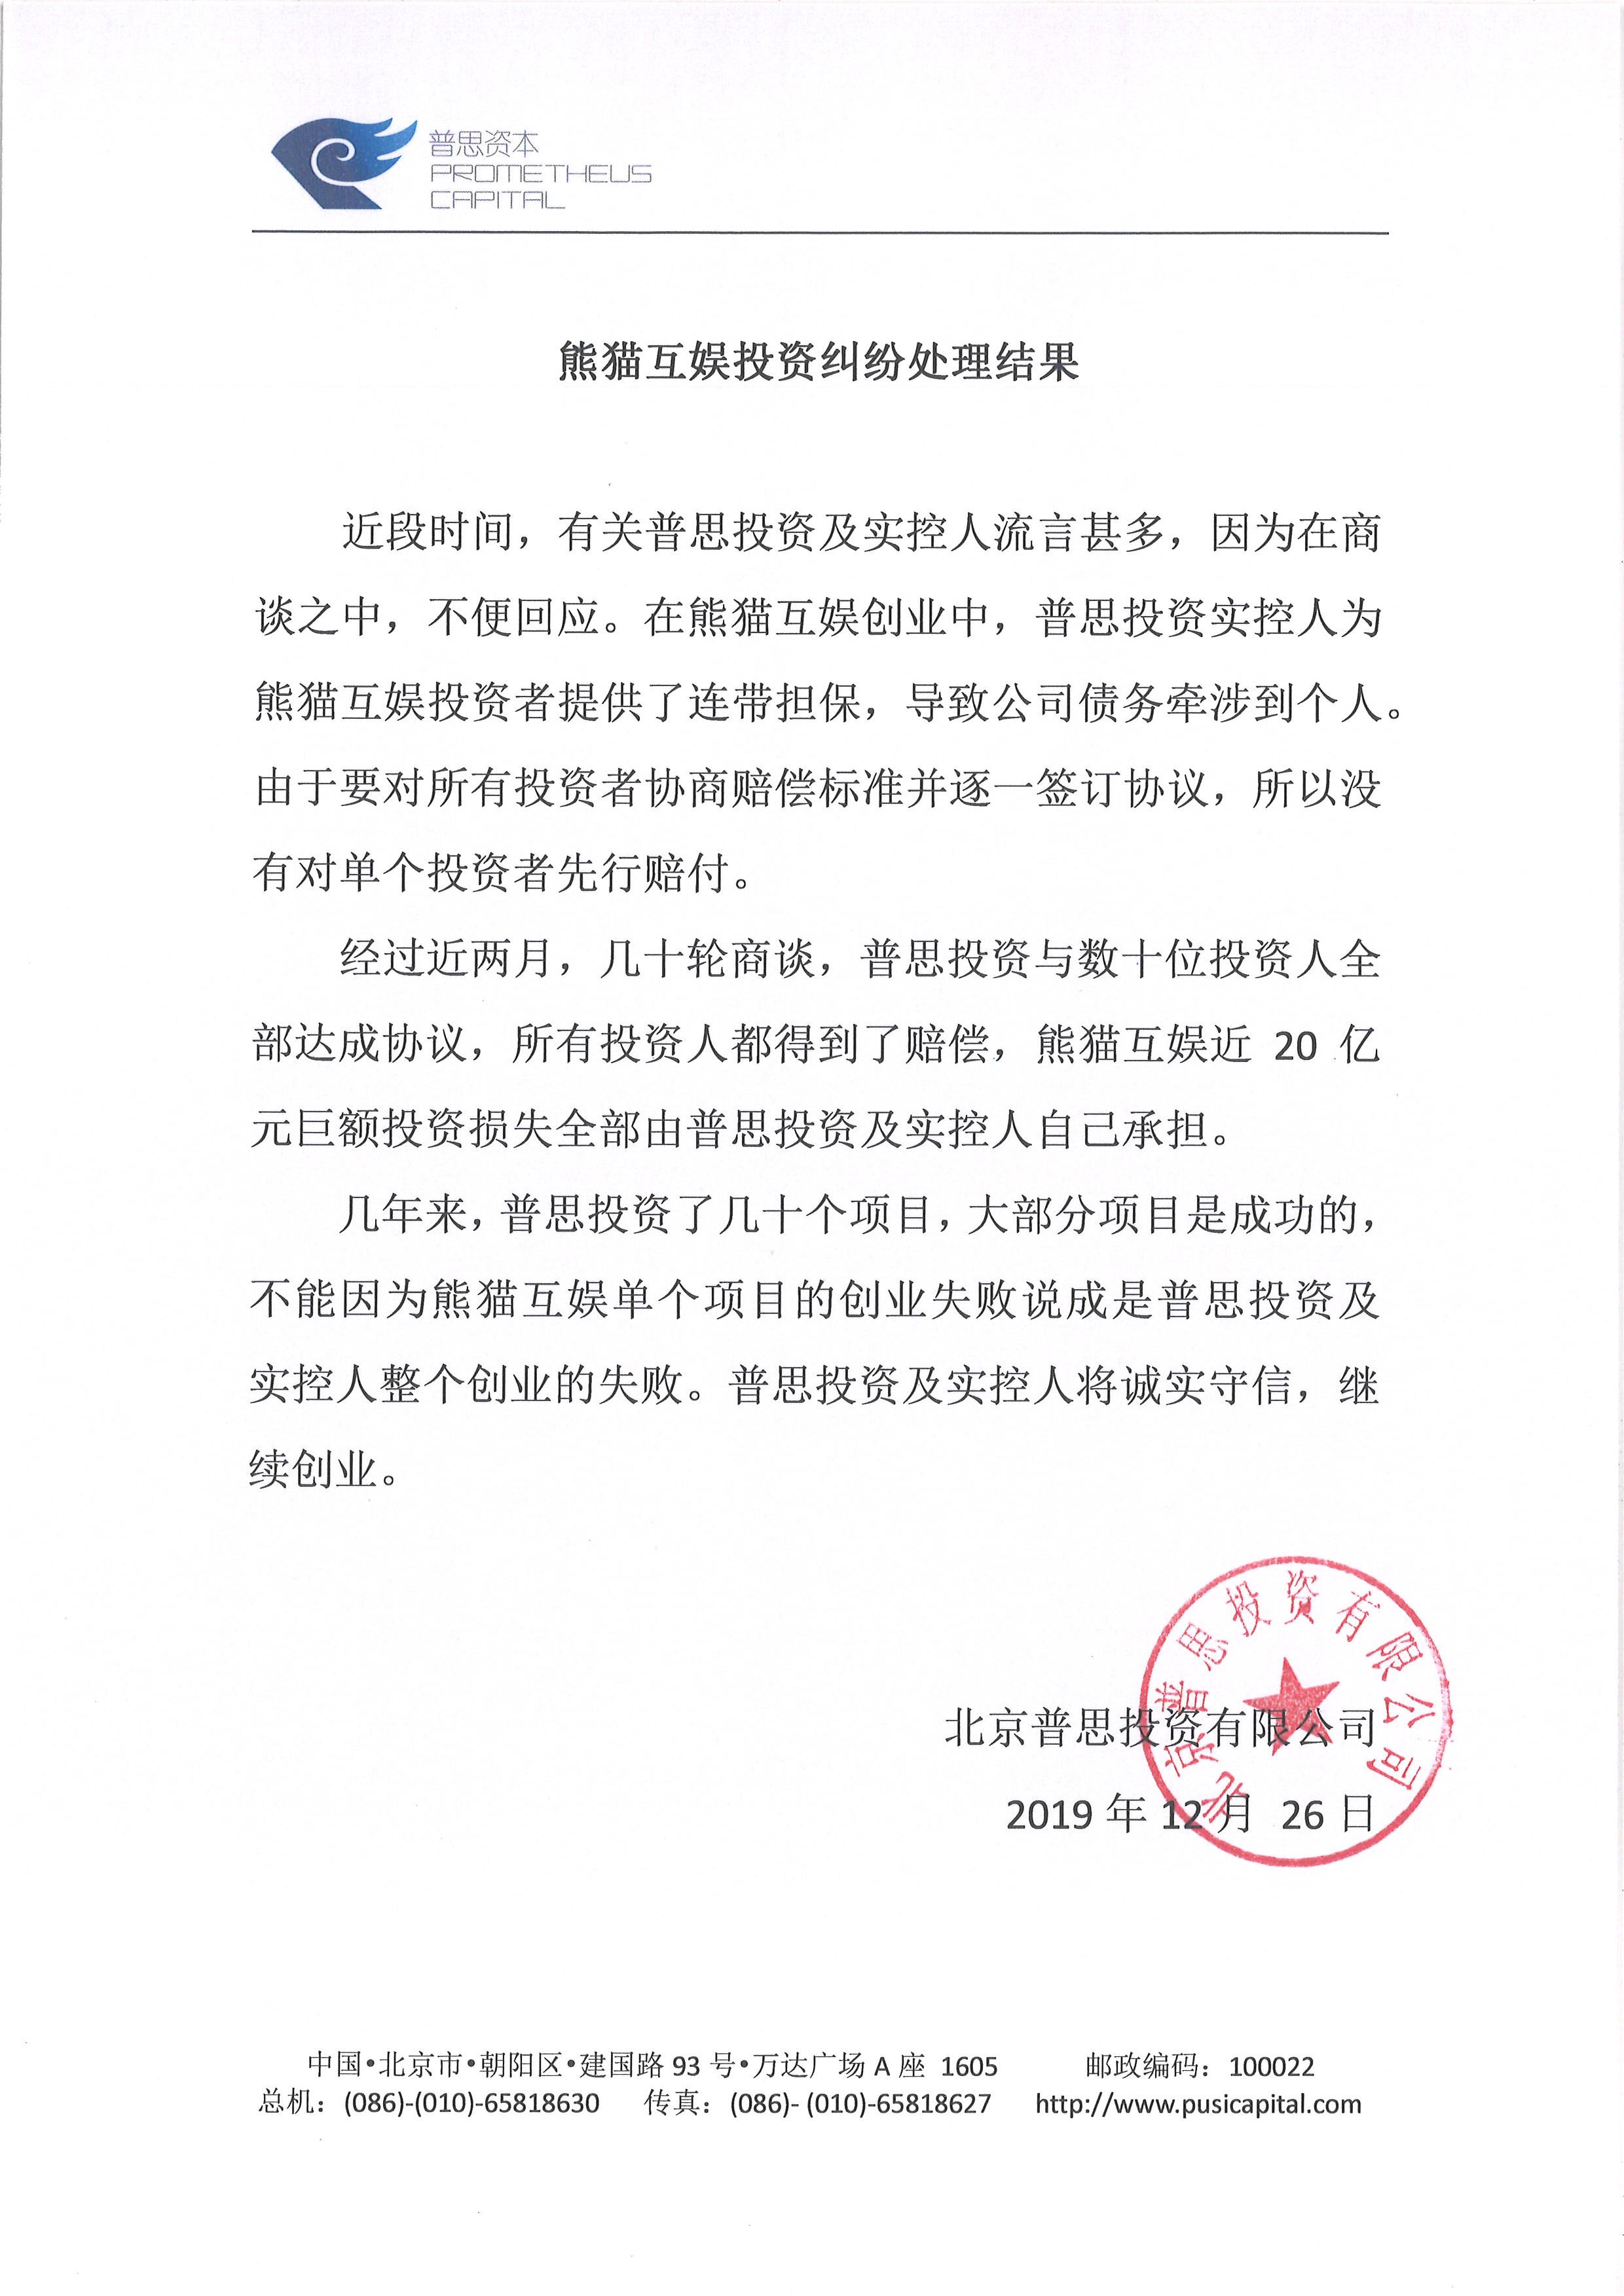 普思資本:普思投資及實控人承擔熊貓互娛近20億投資損失